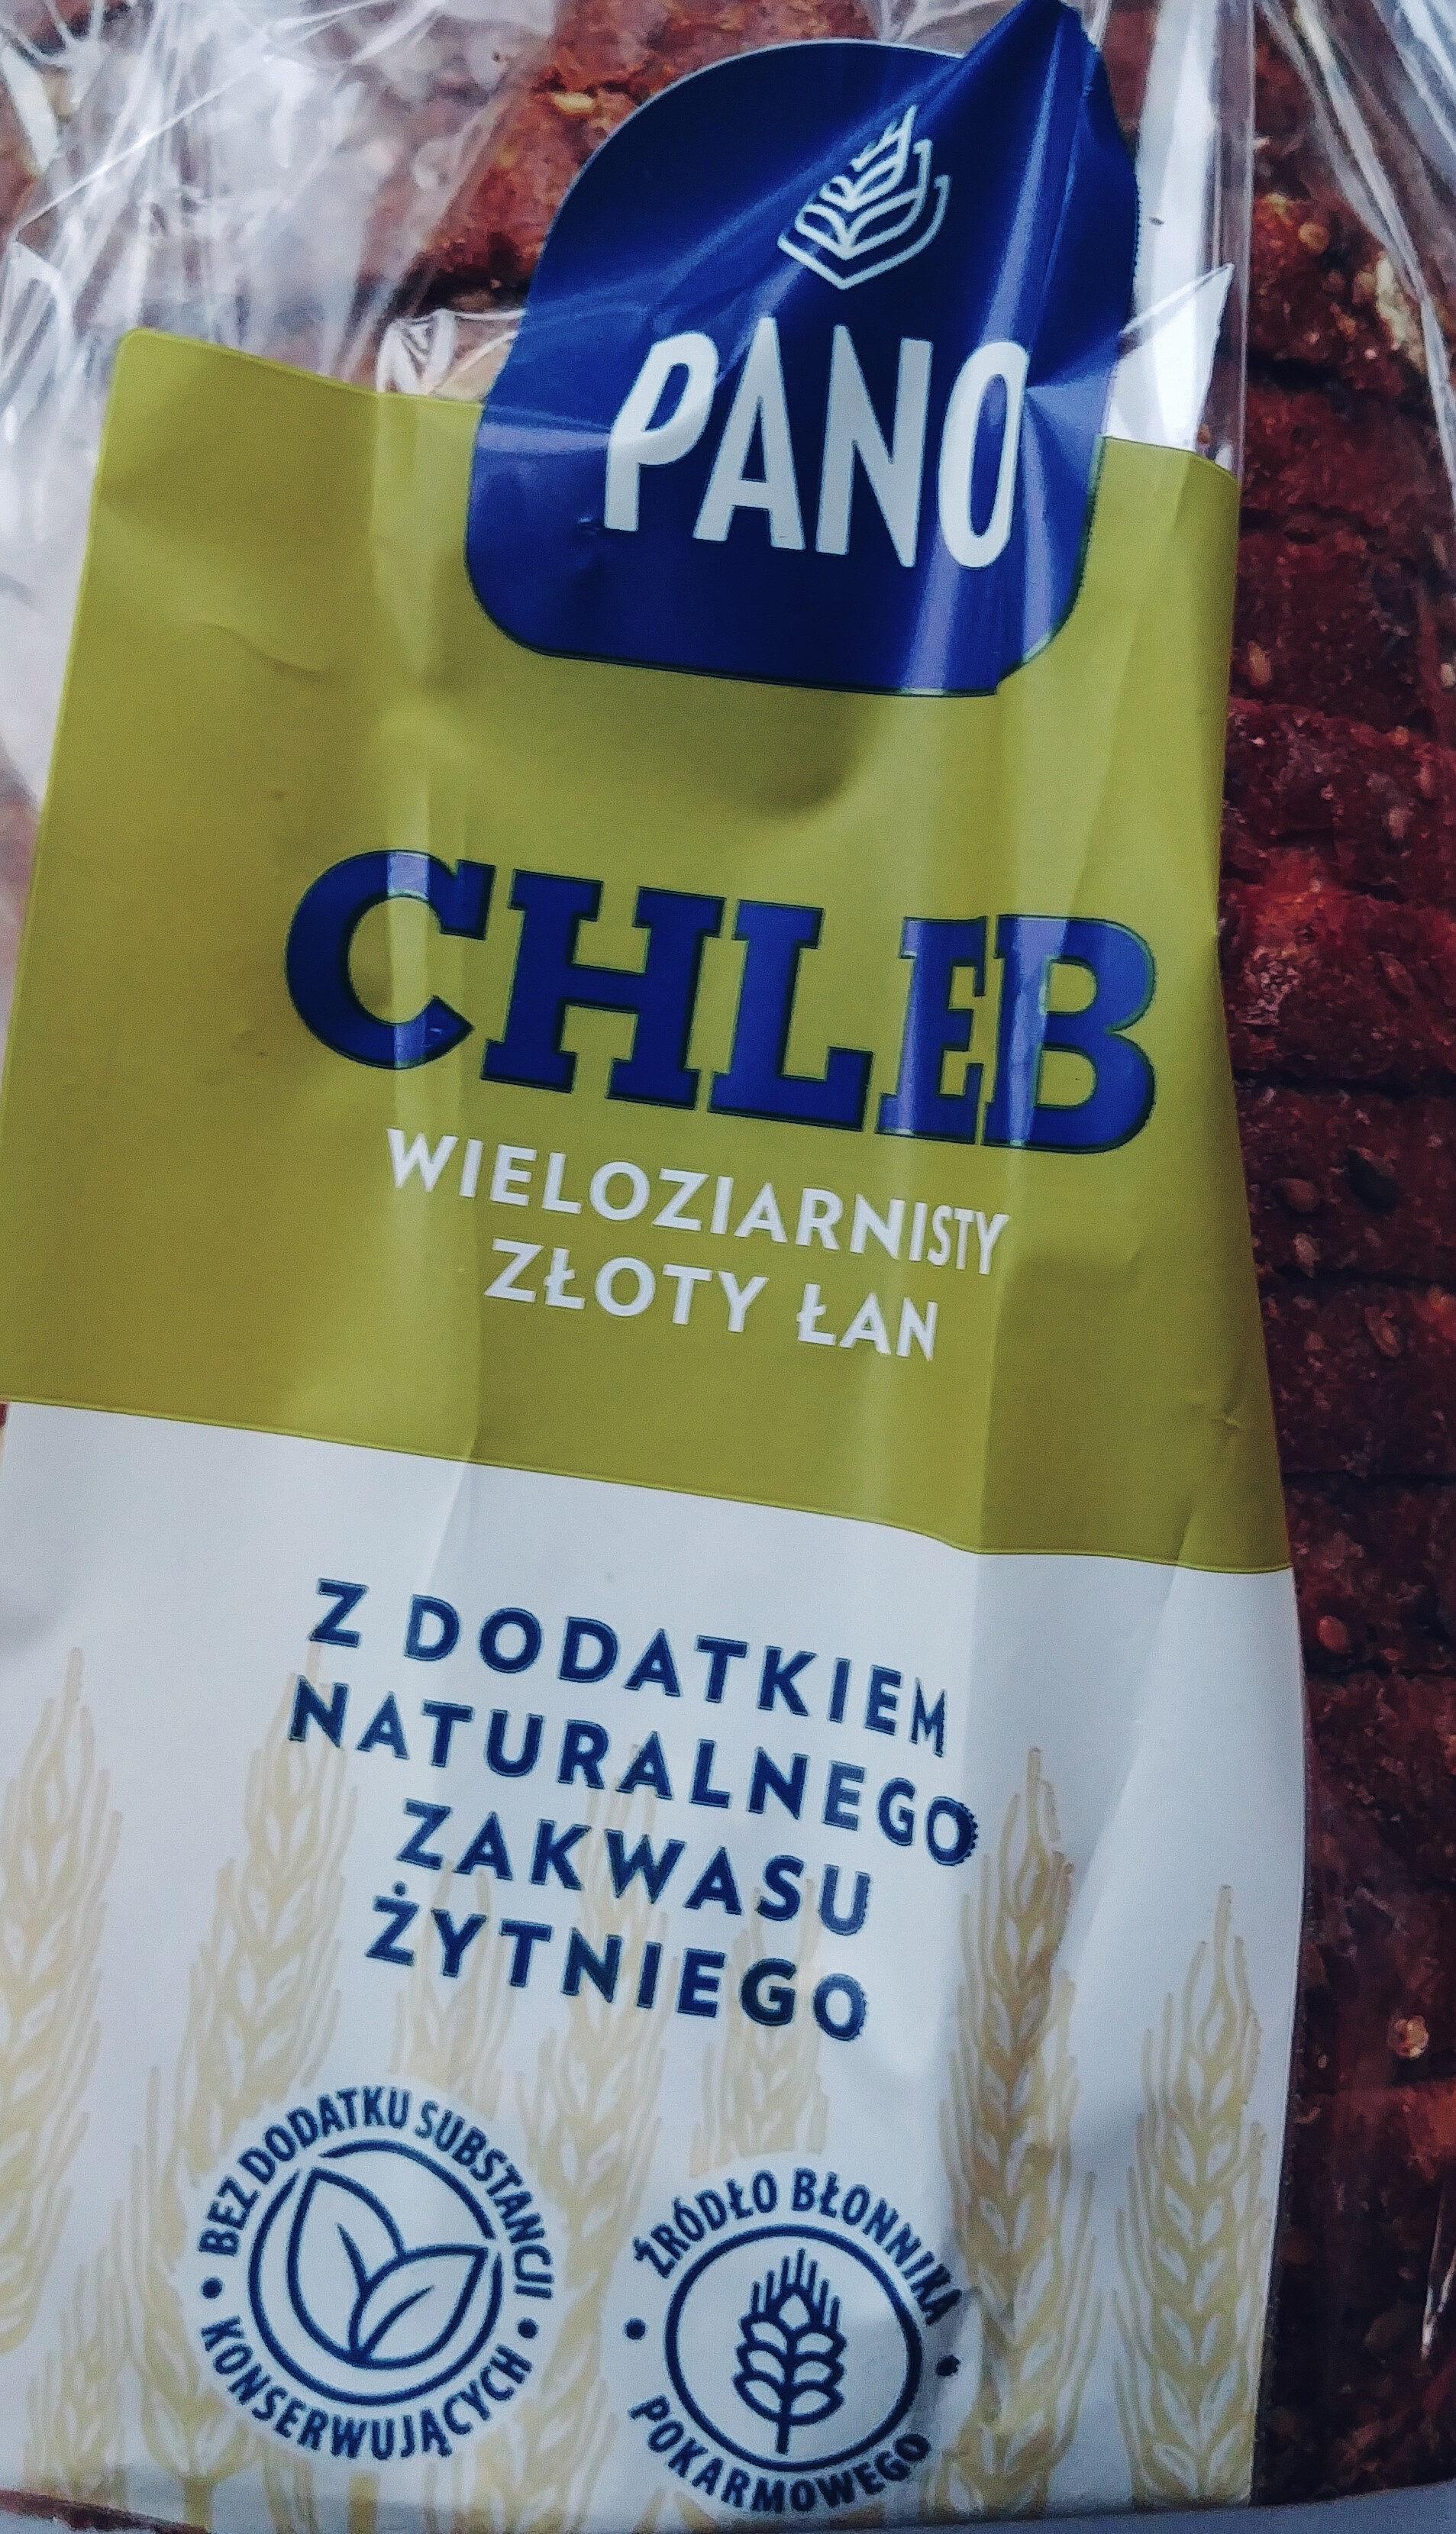 Chleb mieszany pszenno-żytni z dodatkiem naturalnego zakwasu żytniego oraz ziaren, krojony. Złoty łan - Produkt